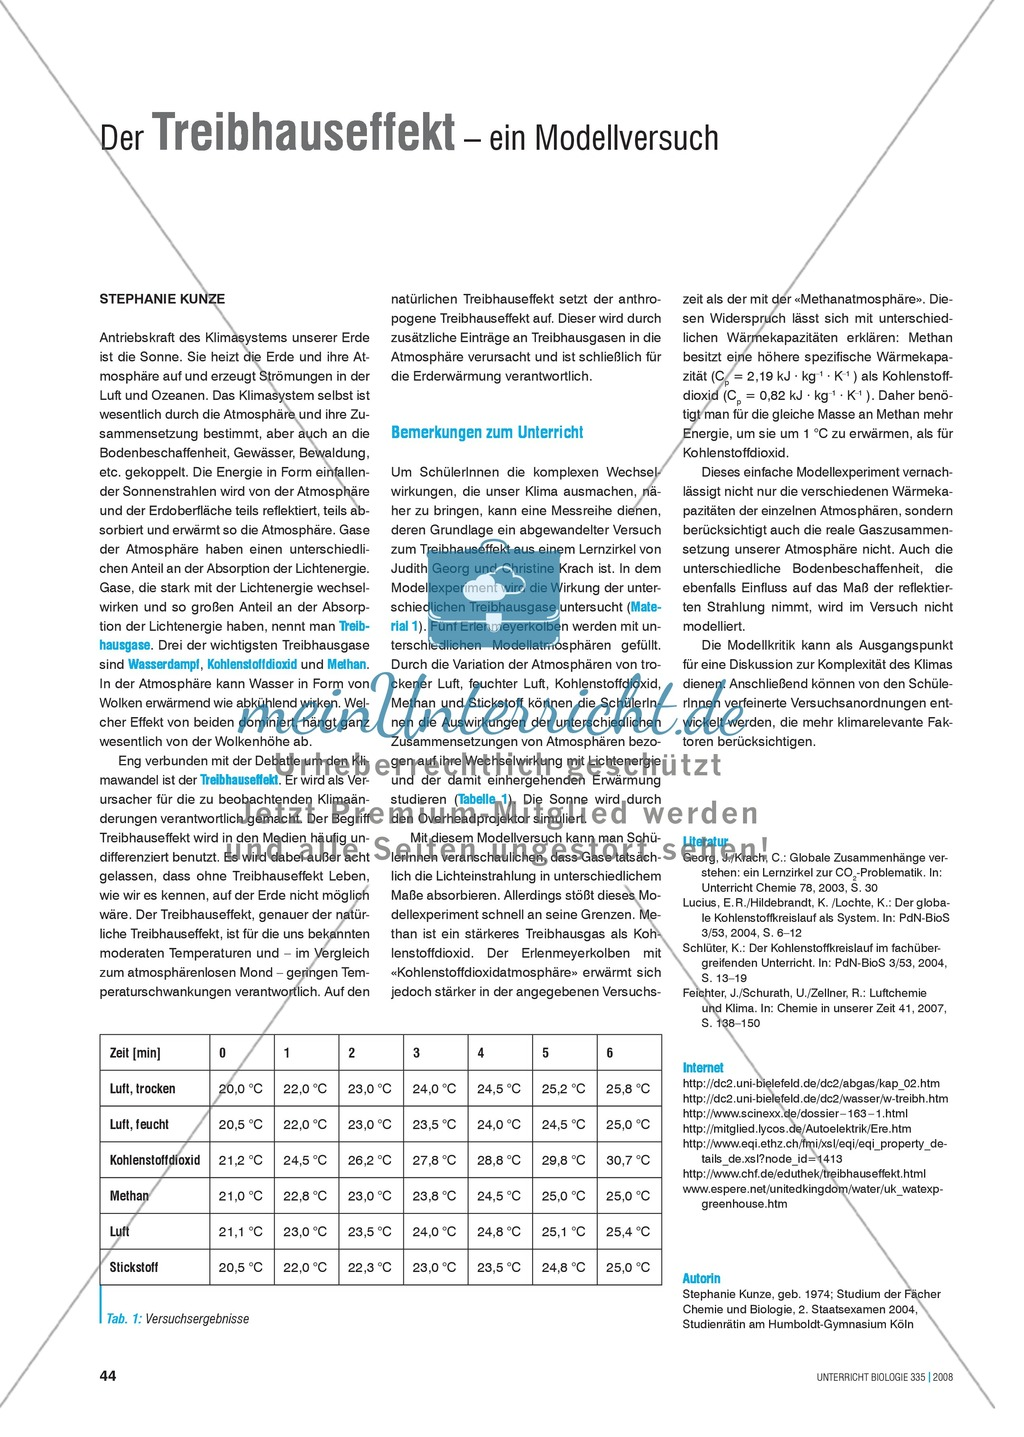 Der Treibhauseffekt - ein Modellversuch Preview 0